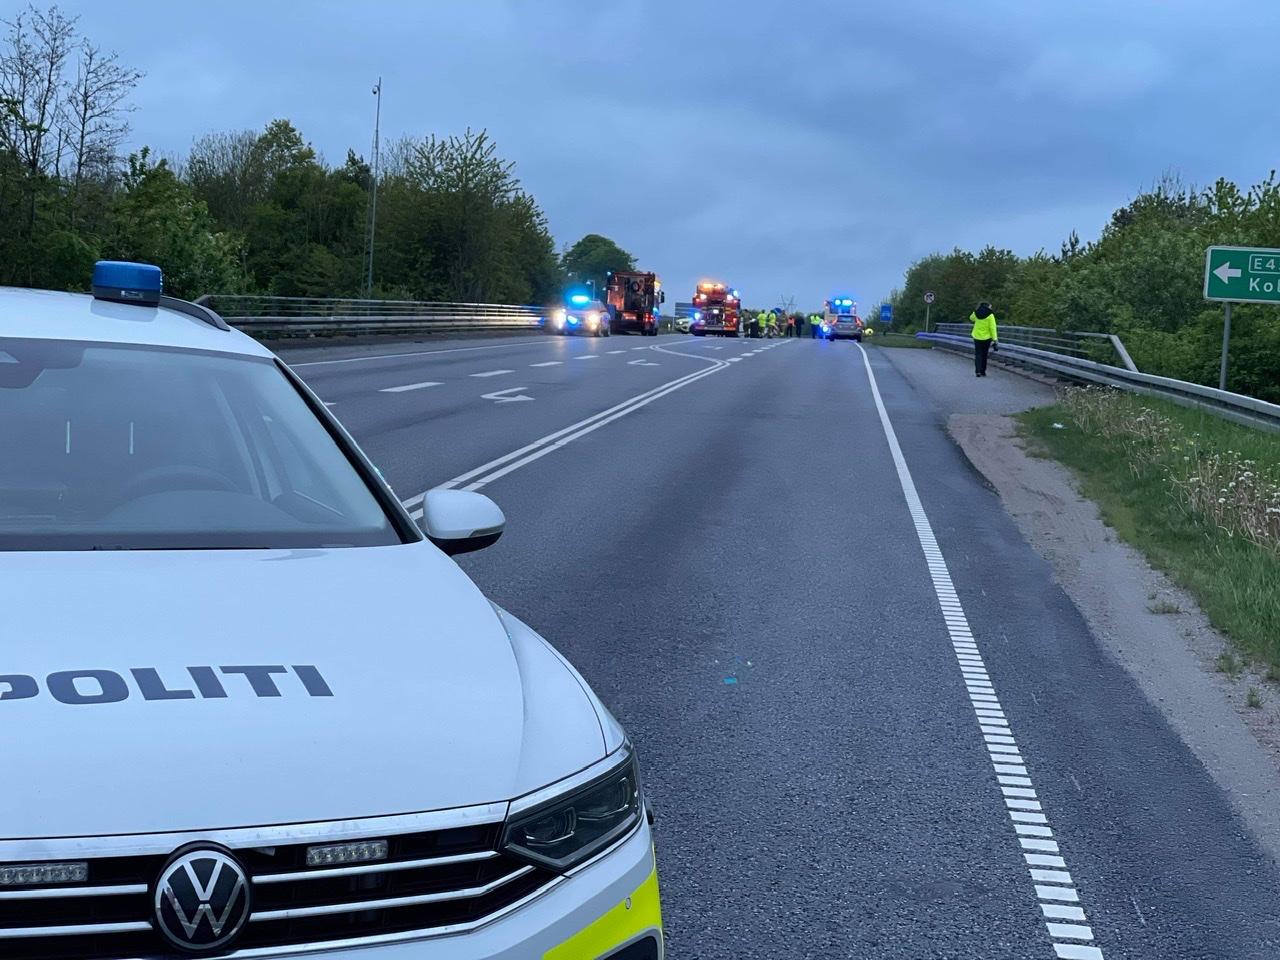 Ulykke ved Horsens spærrer vej